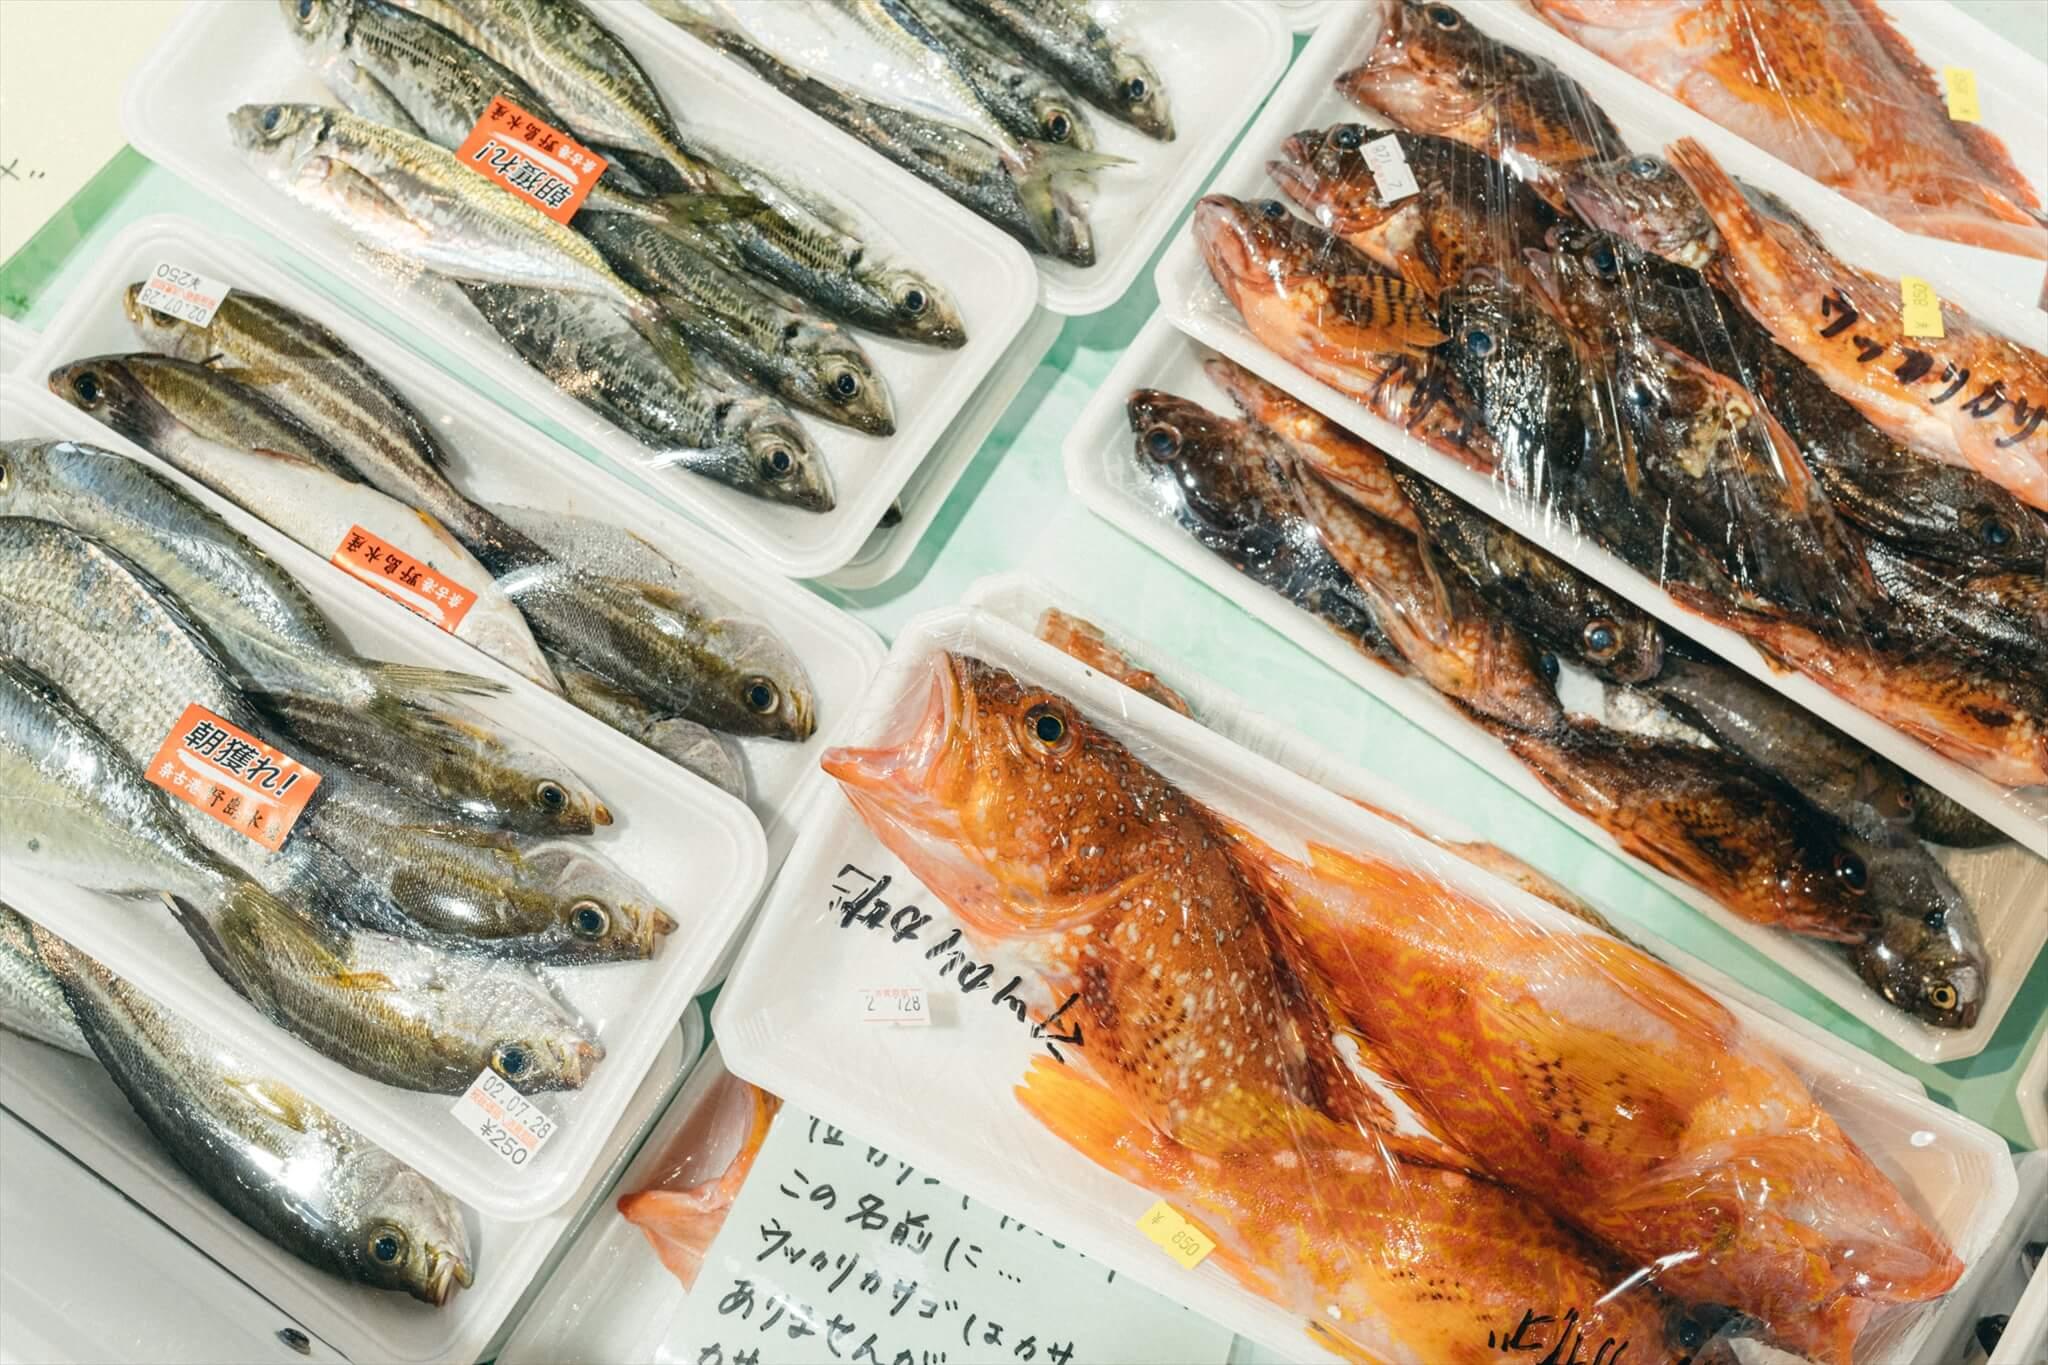 道の駅阿武では朝獲れの鮮魚を販売